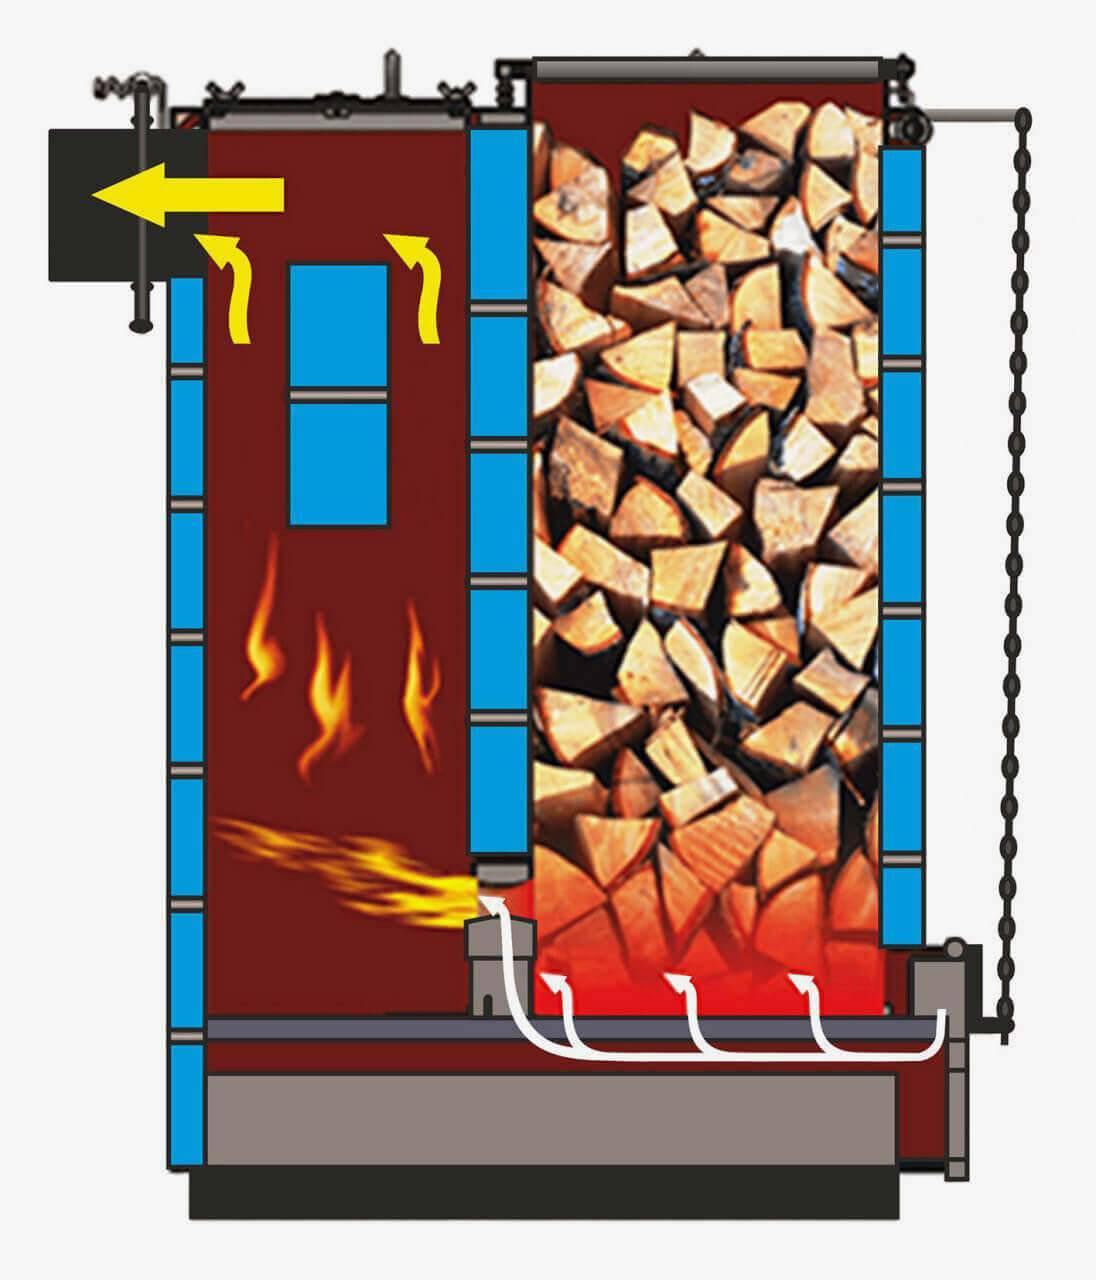 Твердотопливный котел верхнего горения: особенности и преимущества